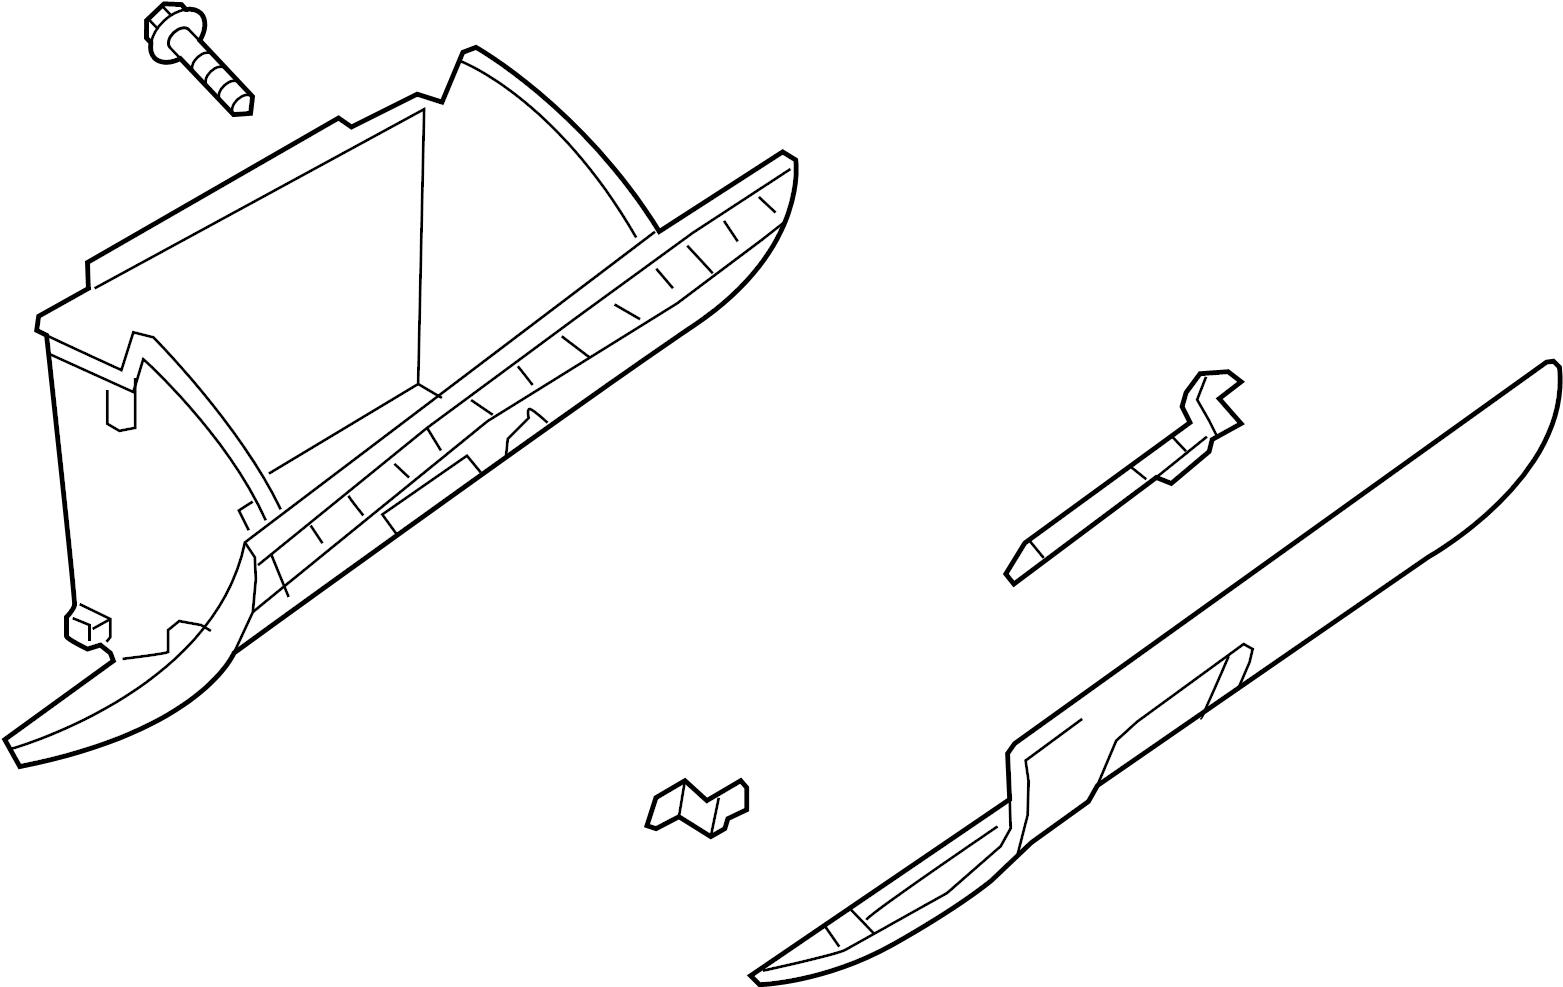 240sx ka24de Motor diagram